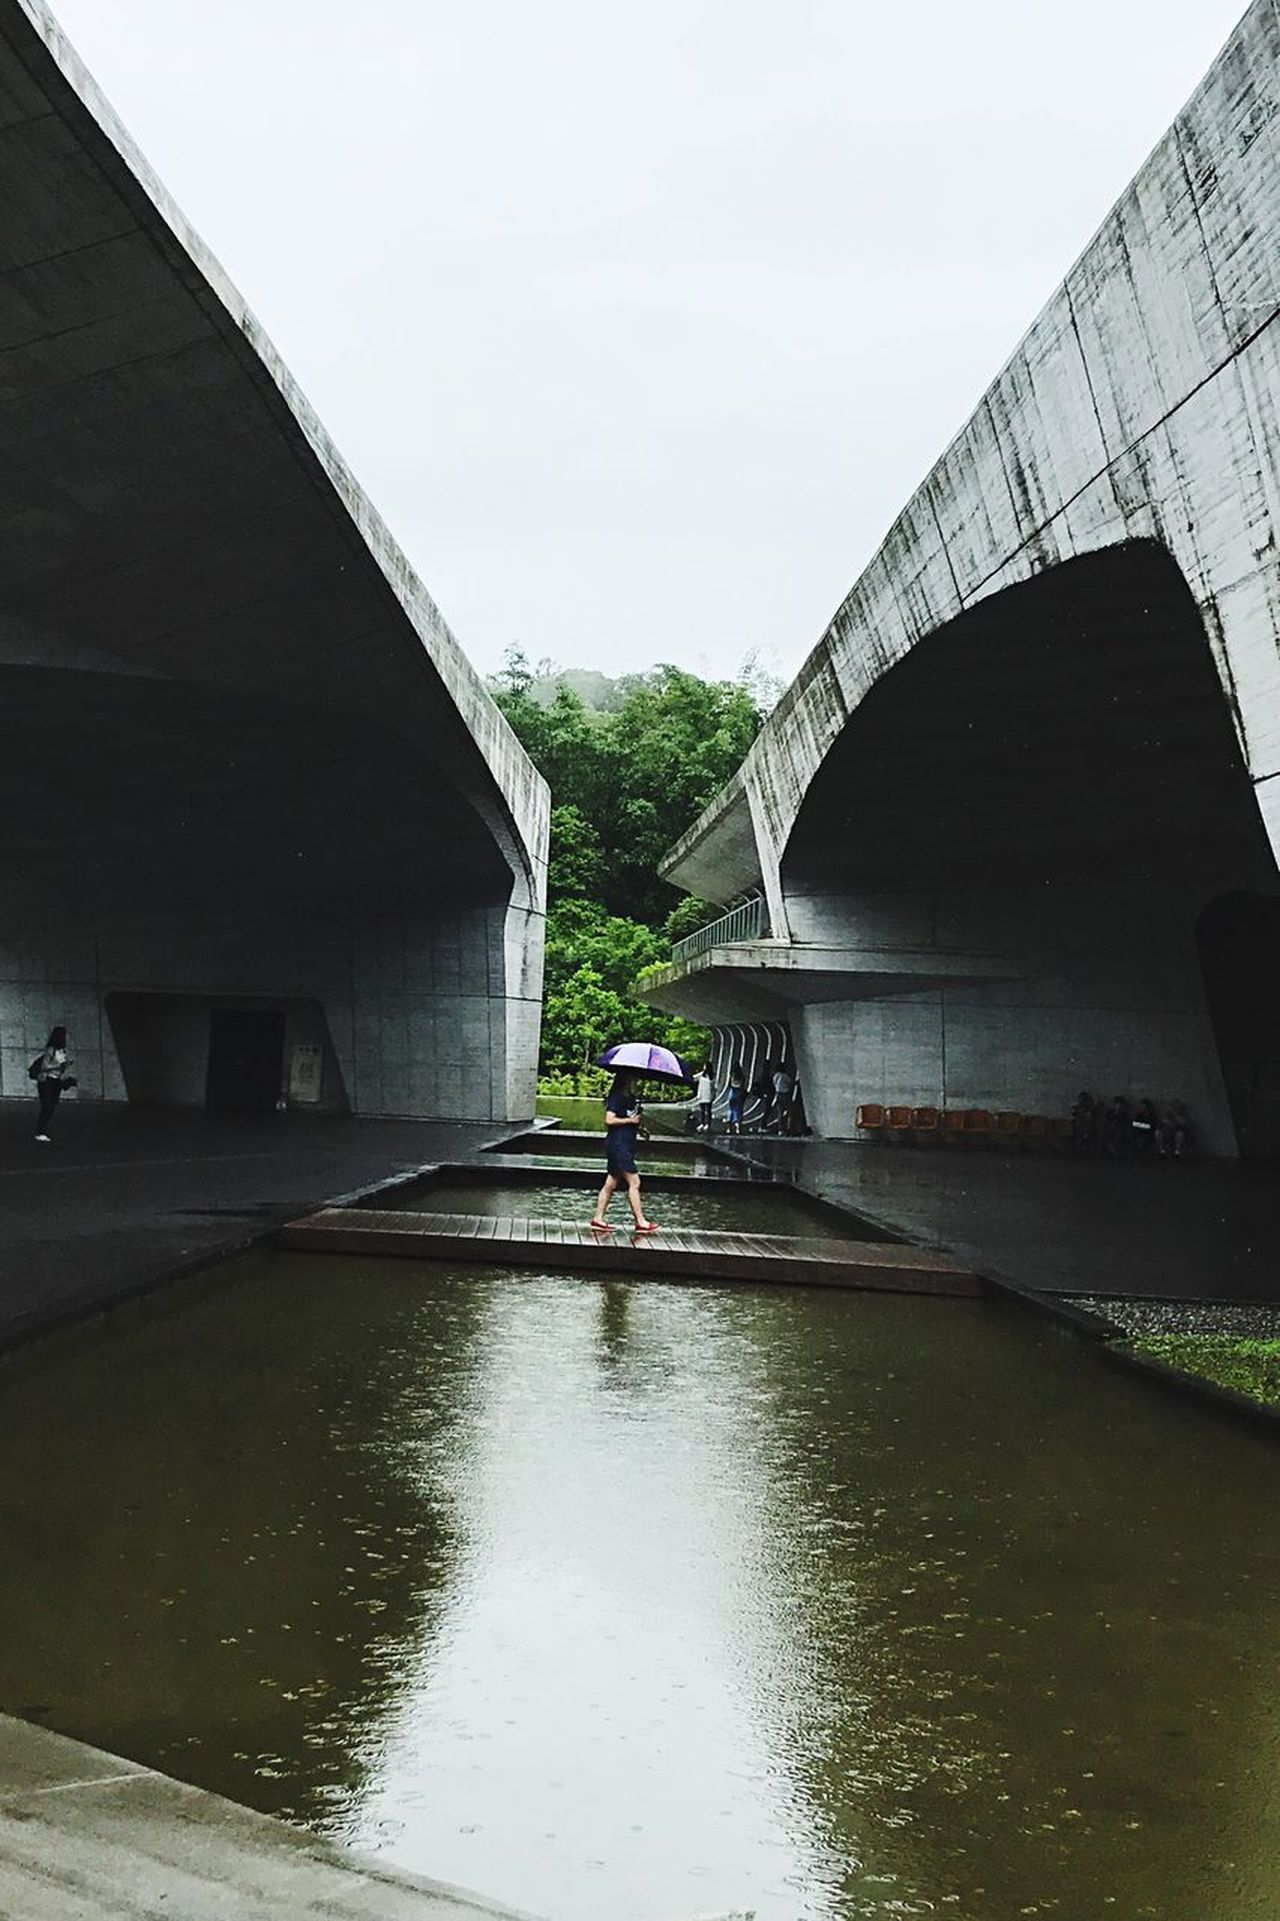 Architecture Rainy Day 🌧 Osanpo Camera The Great Outdoors - 2017 EyeEm Awards